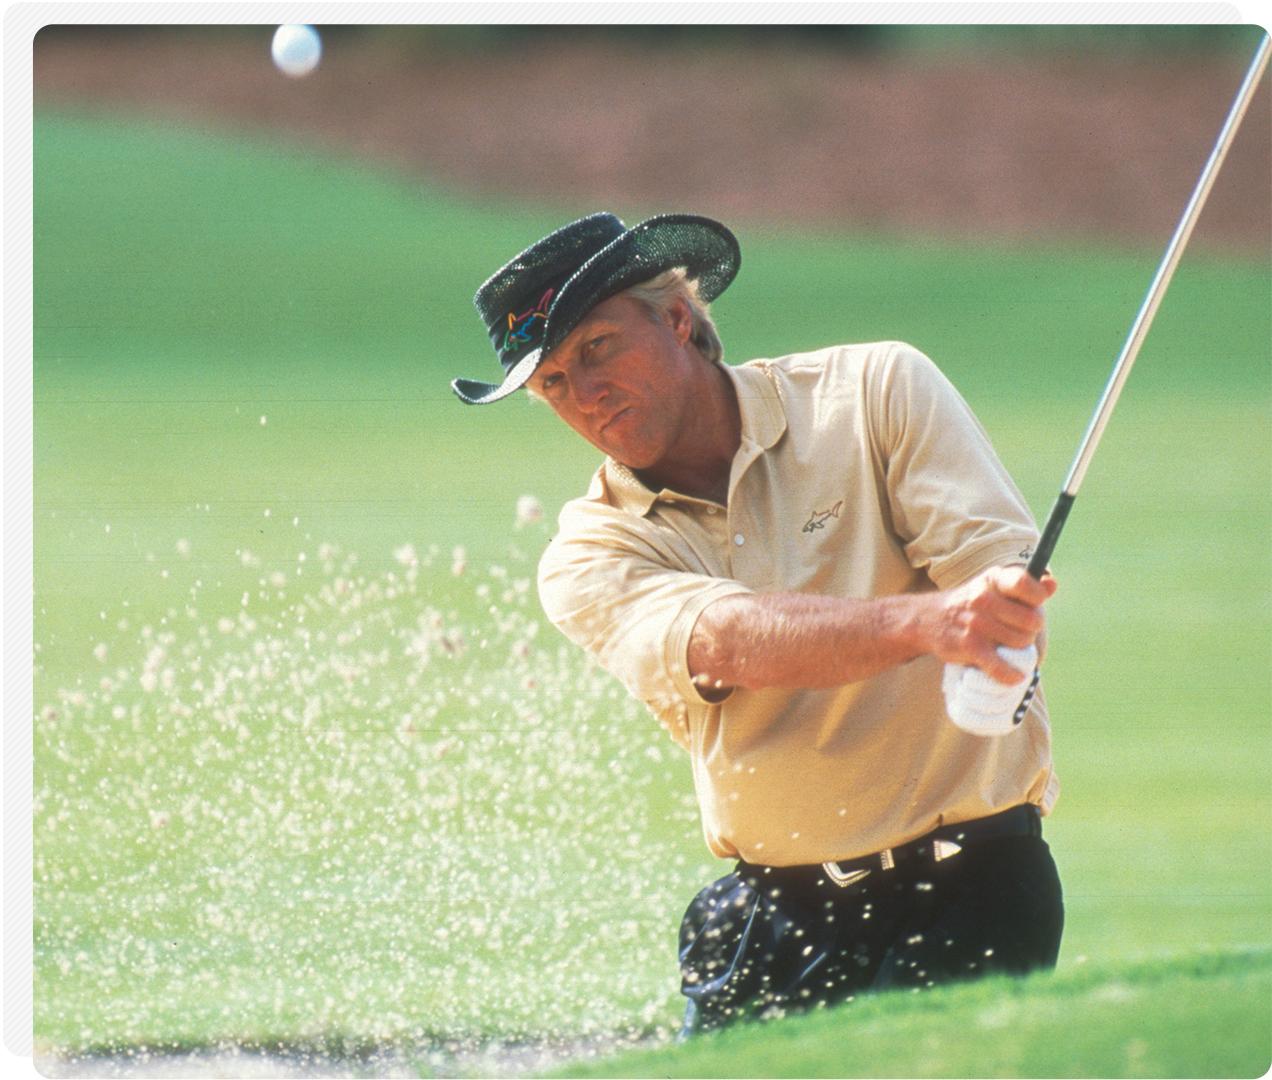 Biệt thự biển sân golf 2020 15